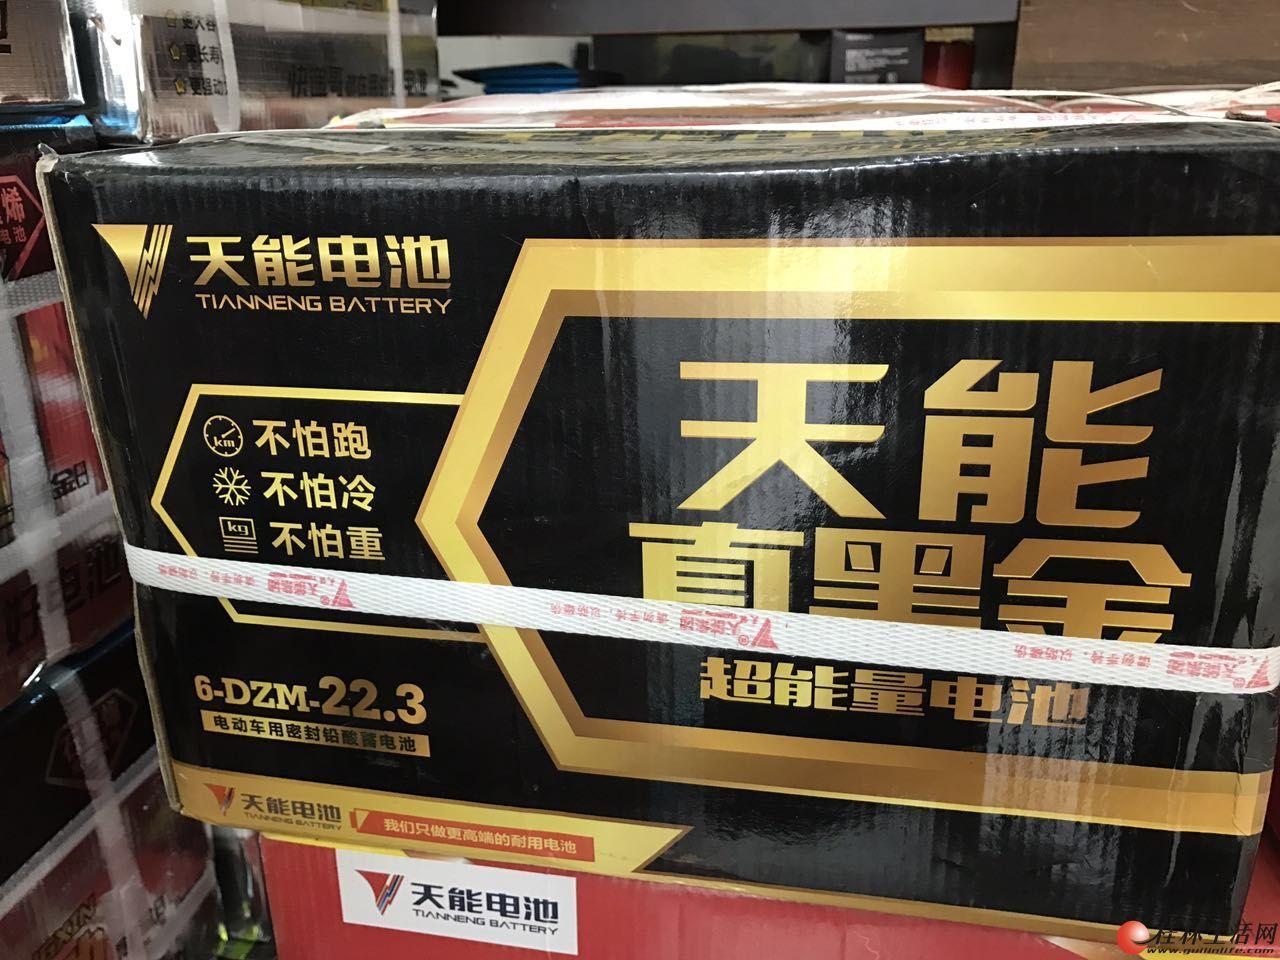 桂林超威电池代理桂林天能电池代理批发零售原装电池. 15677313218